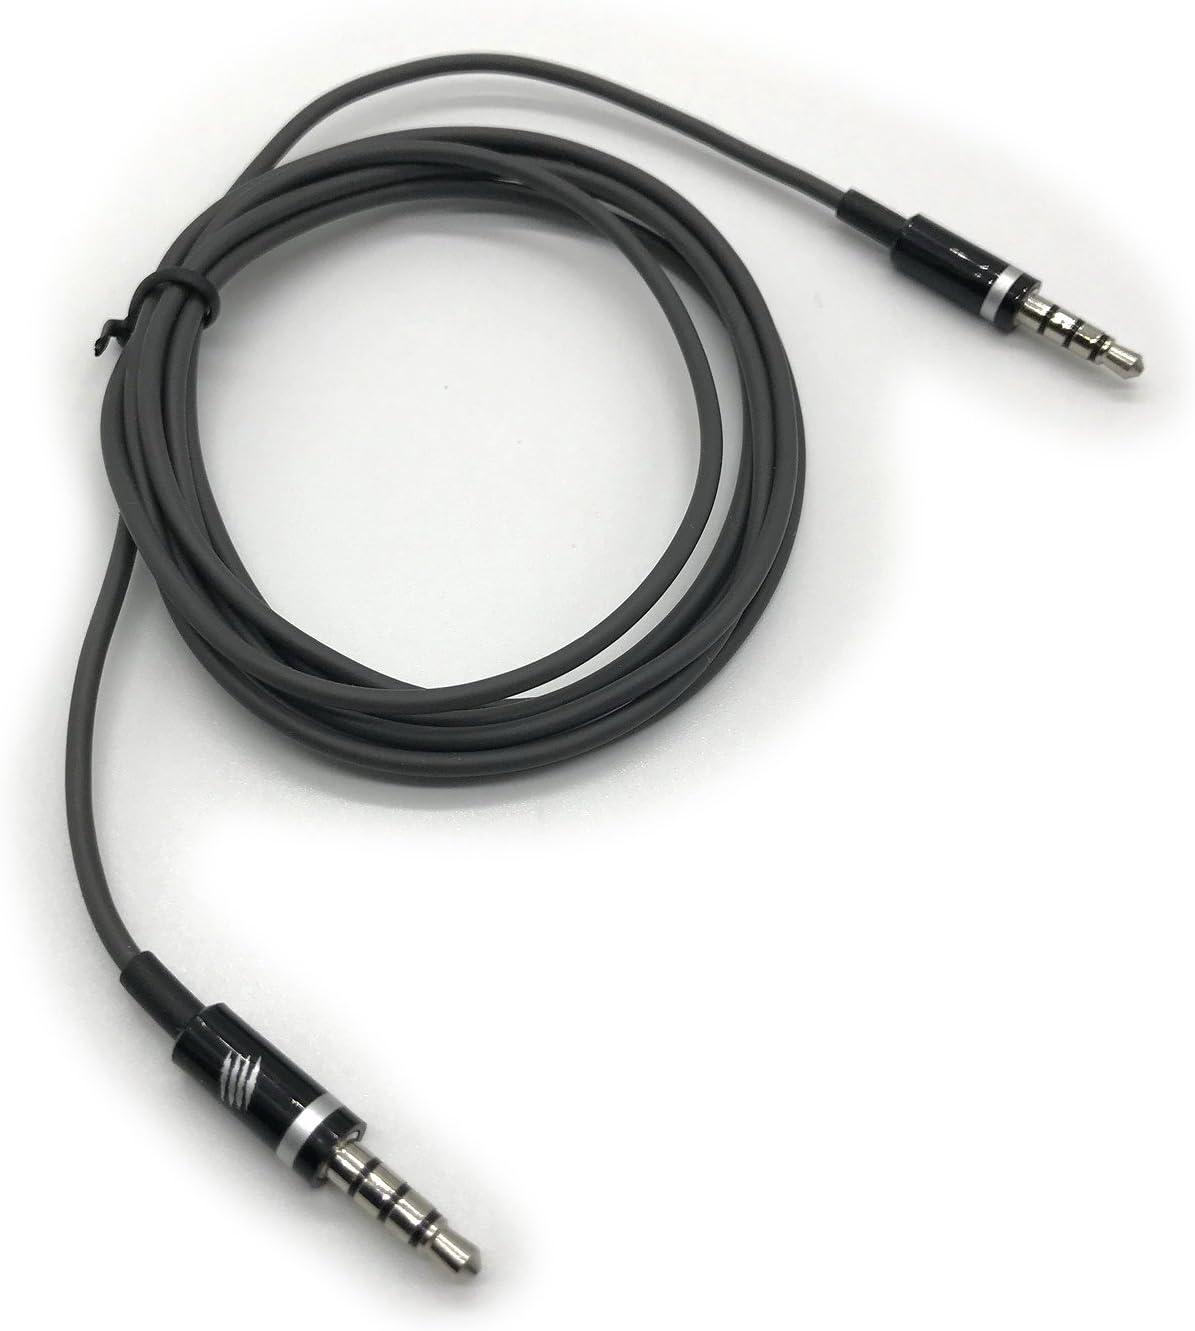 Cable de Audio estéreo con 3 Anillas TRRS DE 3,5 mm para Auriculares y Smartphones Android, LED, TV, Coche, HiFi, Sonido AUX, Entrada (1,5 m de Largo): Amazon.es: Electrónica